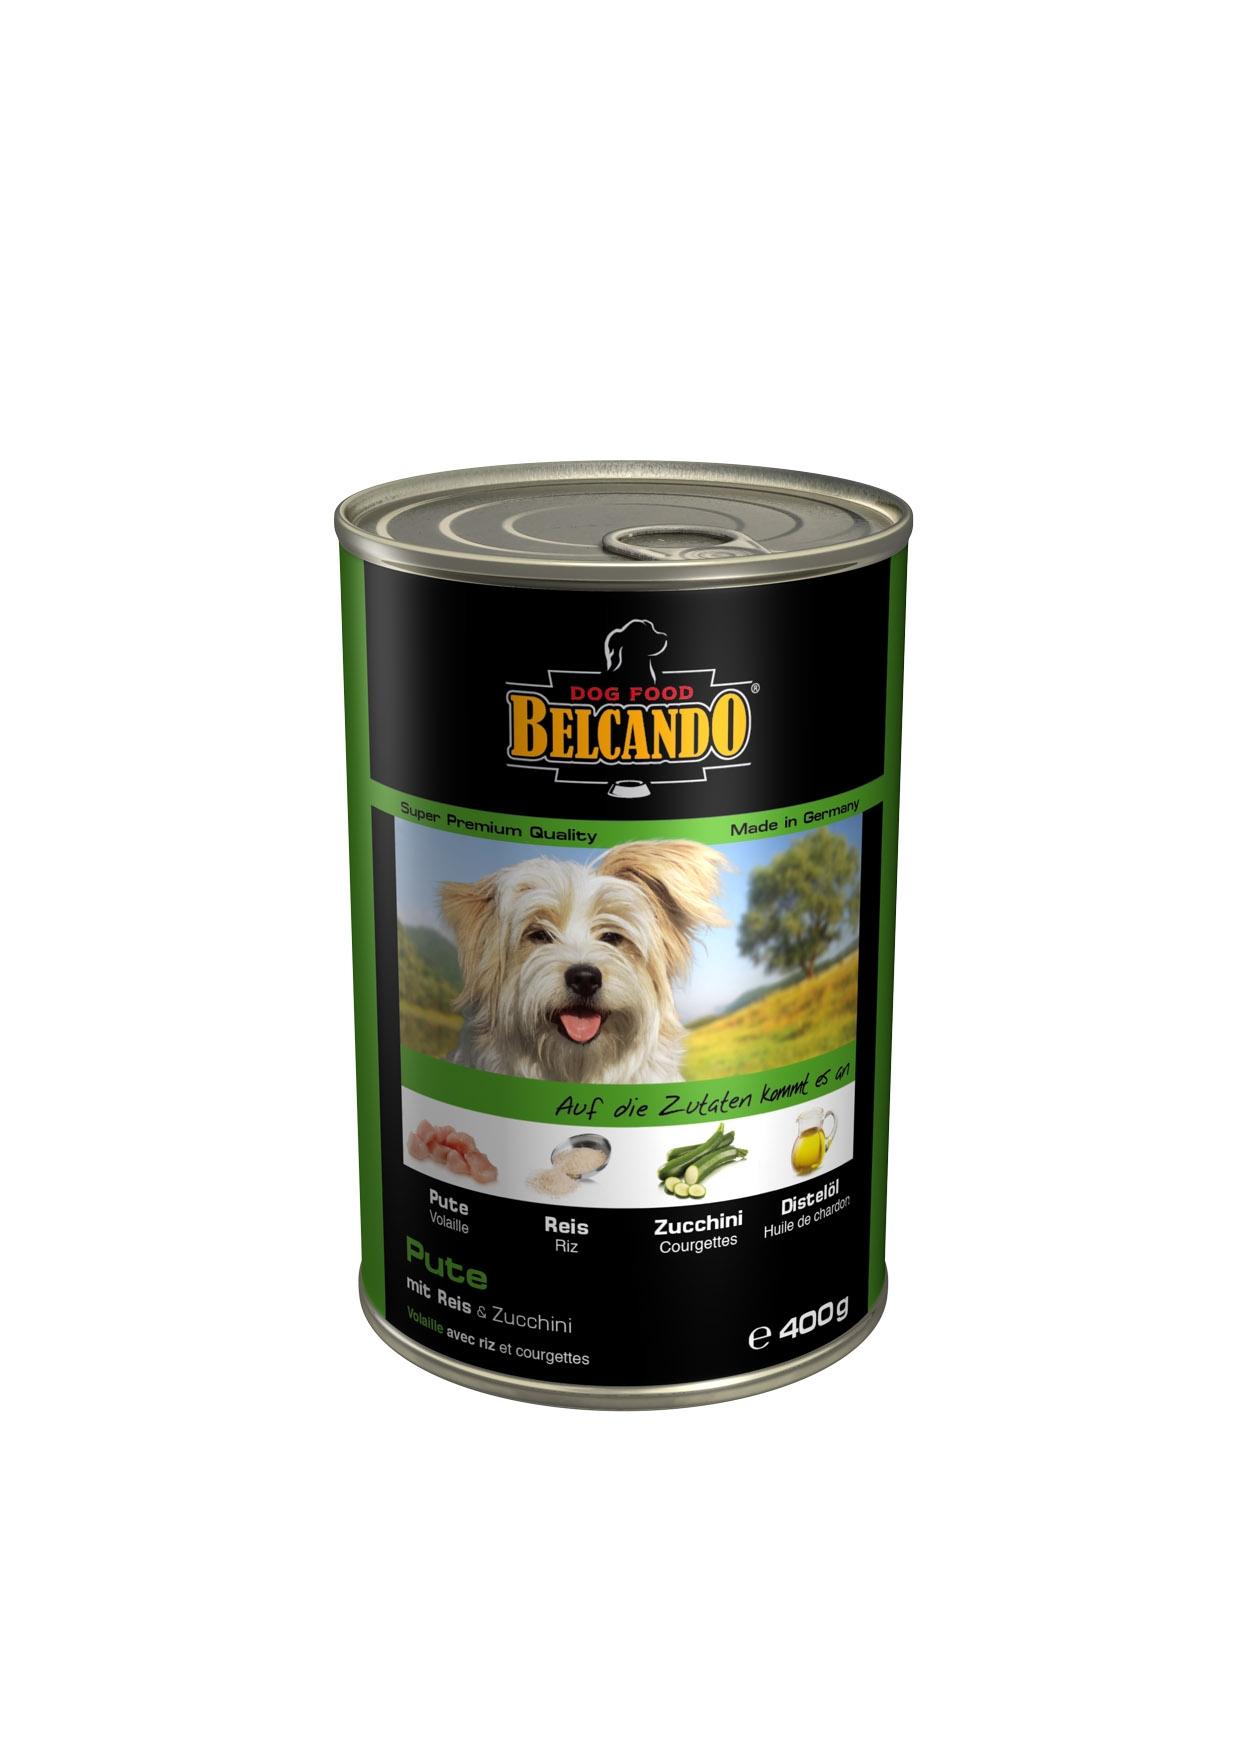 Консервы для собак Belcando, с мясом и овощами, 400 г13150Консервы Belcando - это полнорационное влажное питание для собак. Подходят для собак всех возрастов. Комбинируется с любым типом корма, в том числе с натуральной пищей. Состав: мясо 93,8%, овощи 5%, витамины и минералы 1,2%. Анализ состава: протеин 14 %, жир 5 %, клетчатка 0,3 %, зола 2,5 %, влажность 79 %, витамин А 2,500 МЕ/кг, витамин Е 40 мг/кг, витамин D3 250 МЕ/кг, кальций 0,4 %, фосфор 0,16 %.Вес: 400 г.Товар сертифицирован.